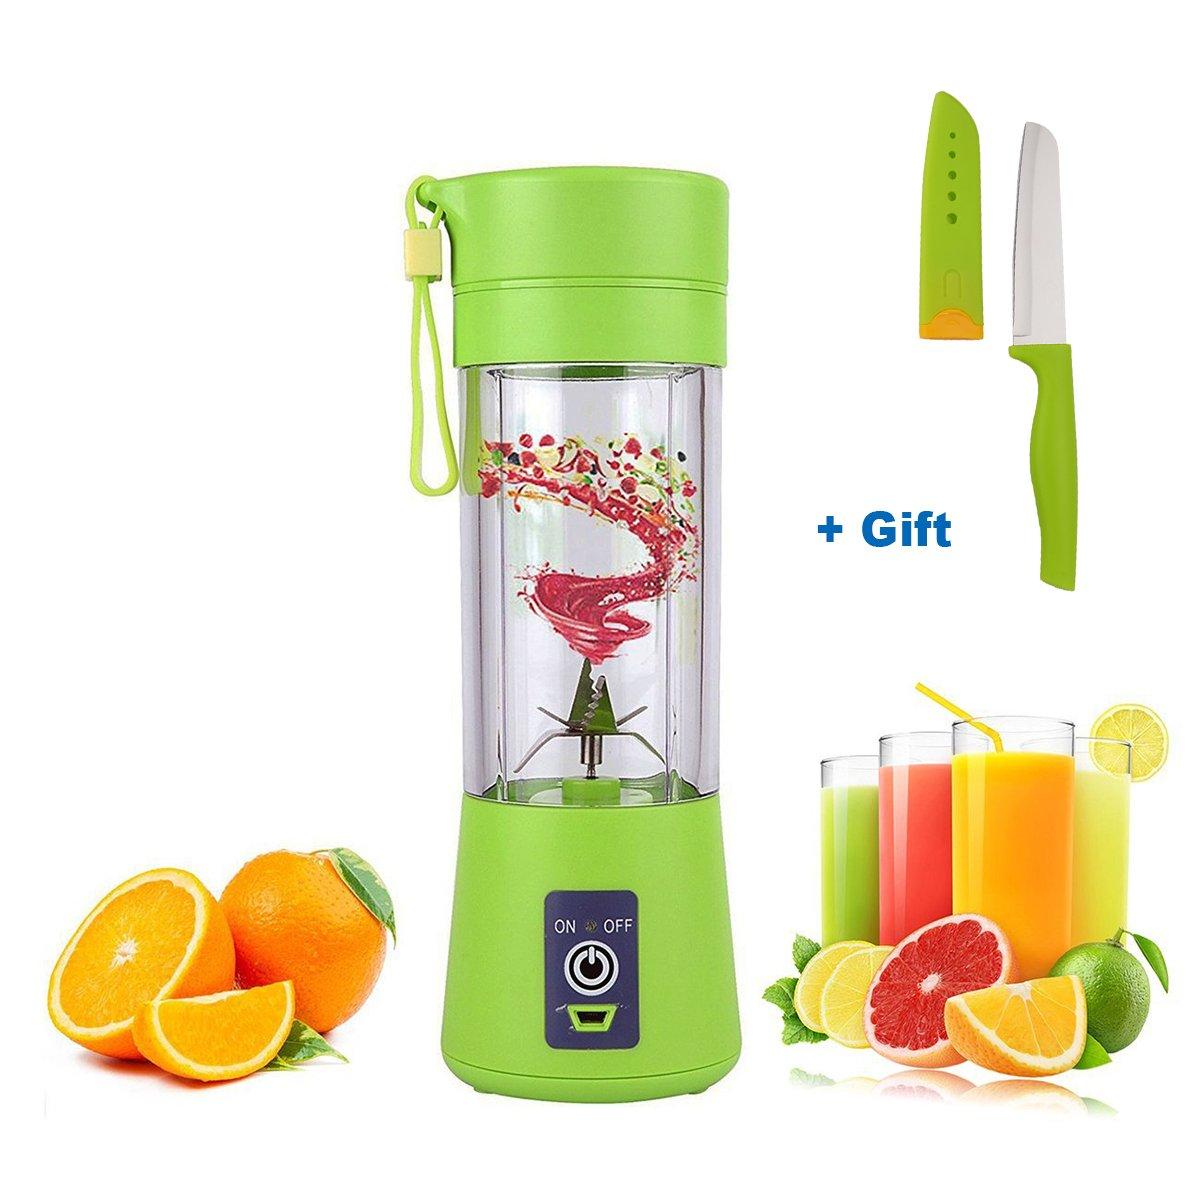 USB Juicer Cup, Portable Juicer Blender 400ml Extractor, Bonus a Fruit Knife, High Speed 6 Blades Safey Smoothie Maker [Latest Version]